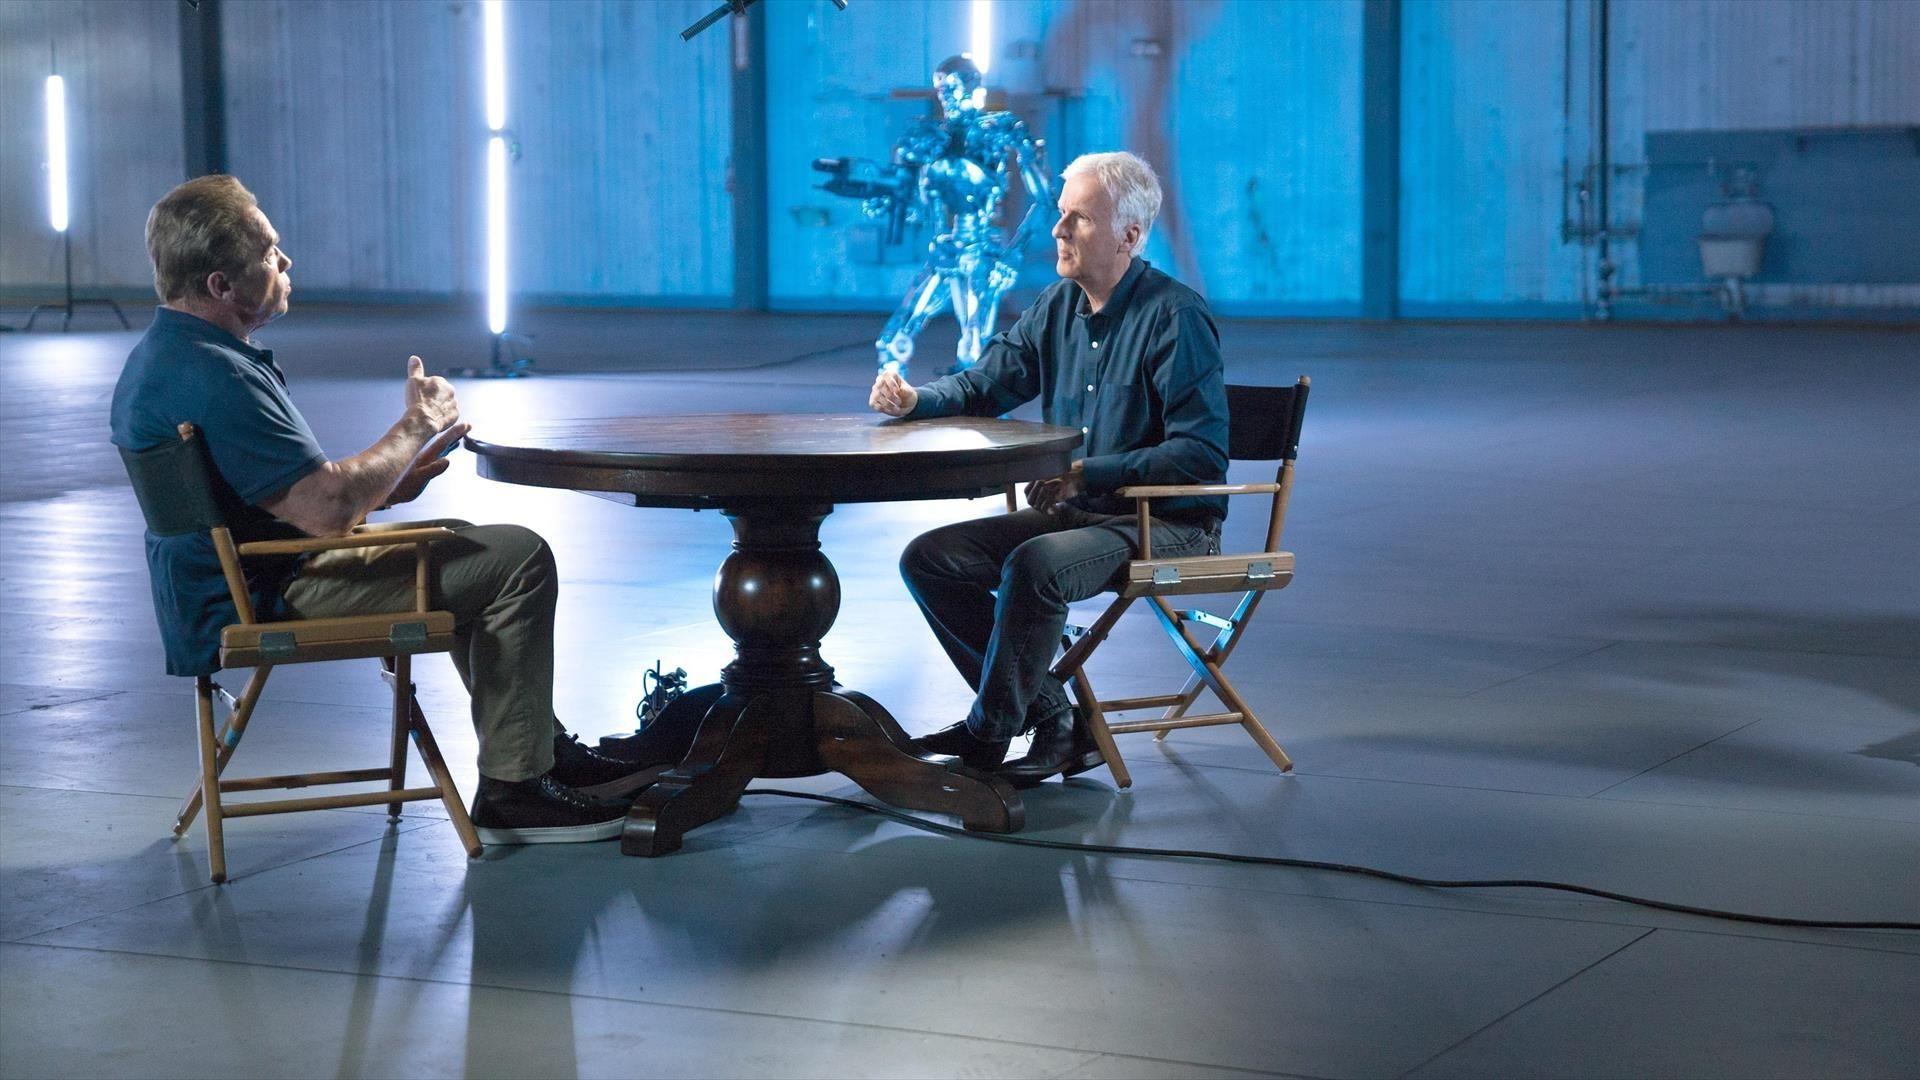 L'histoire de la science-fiction avec James Cameron : Les machines intelligentes